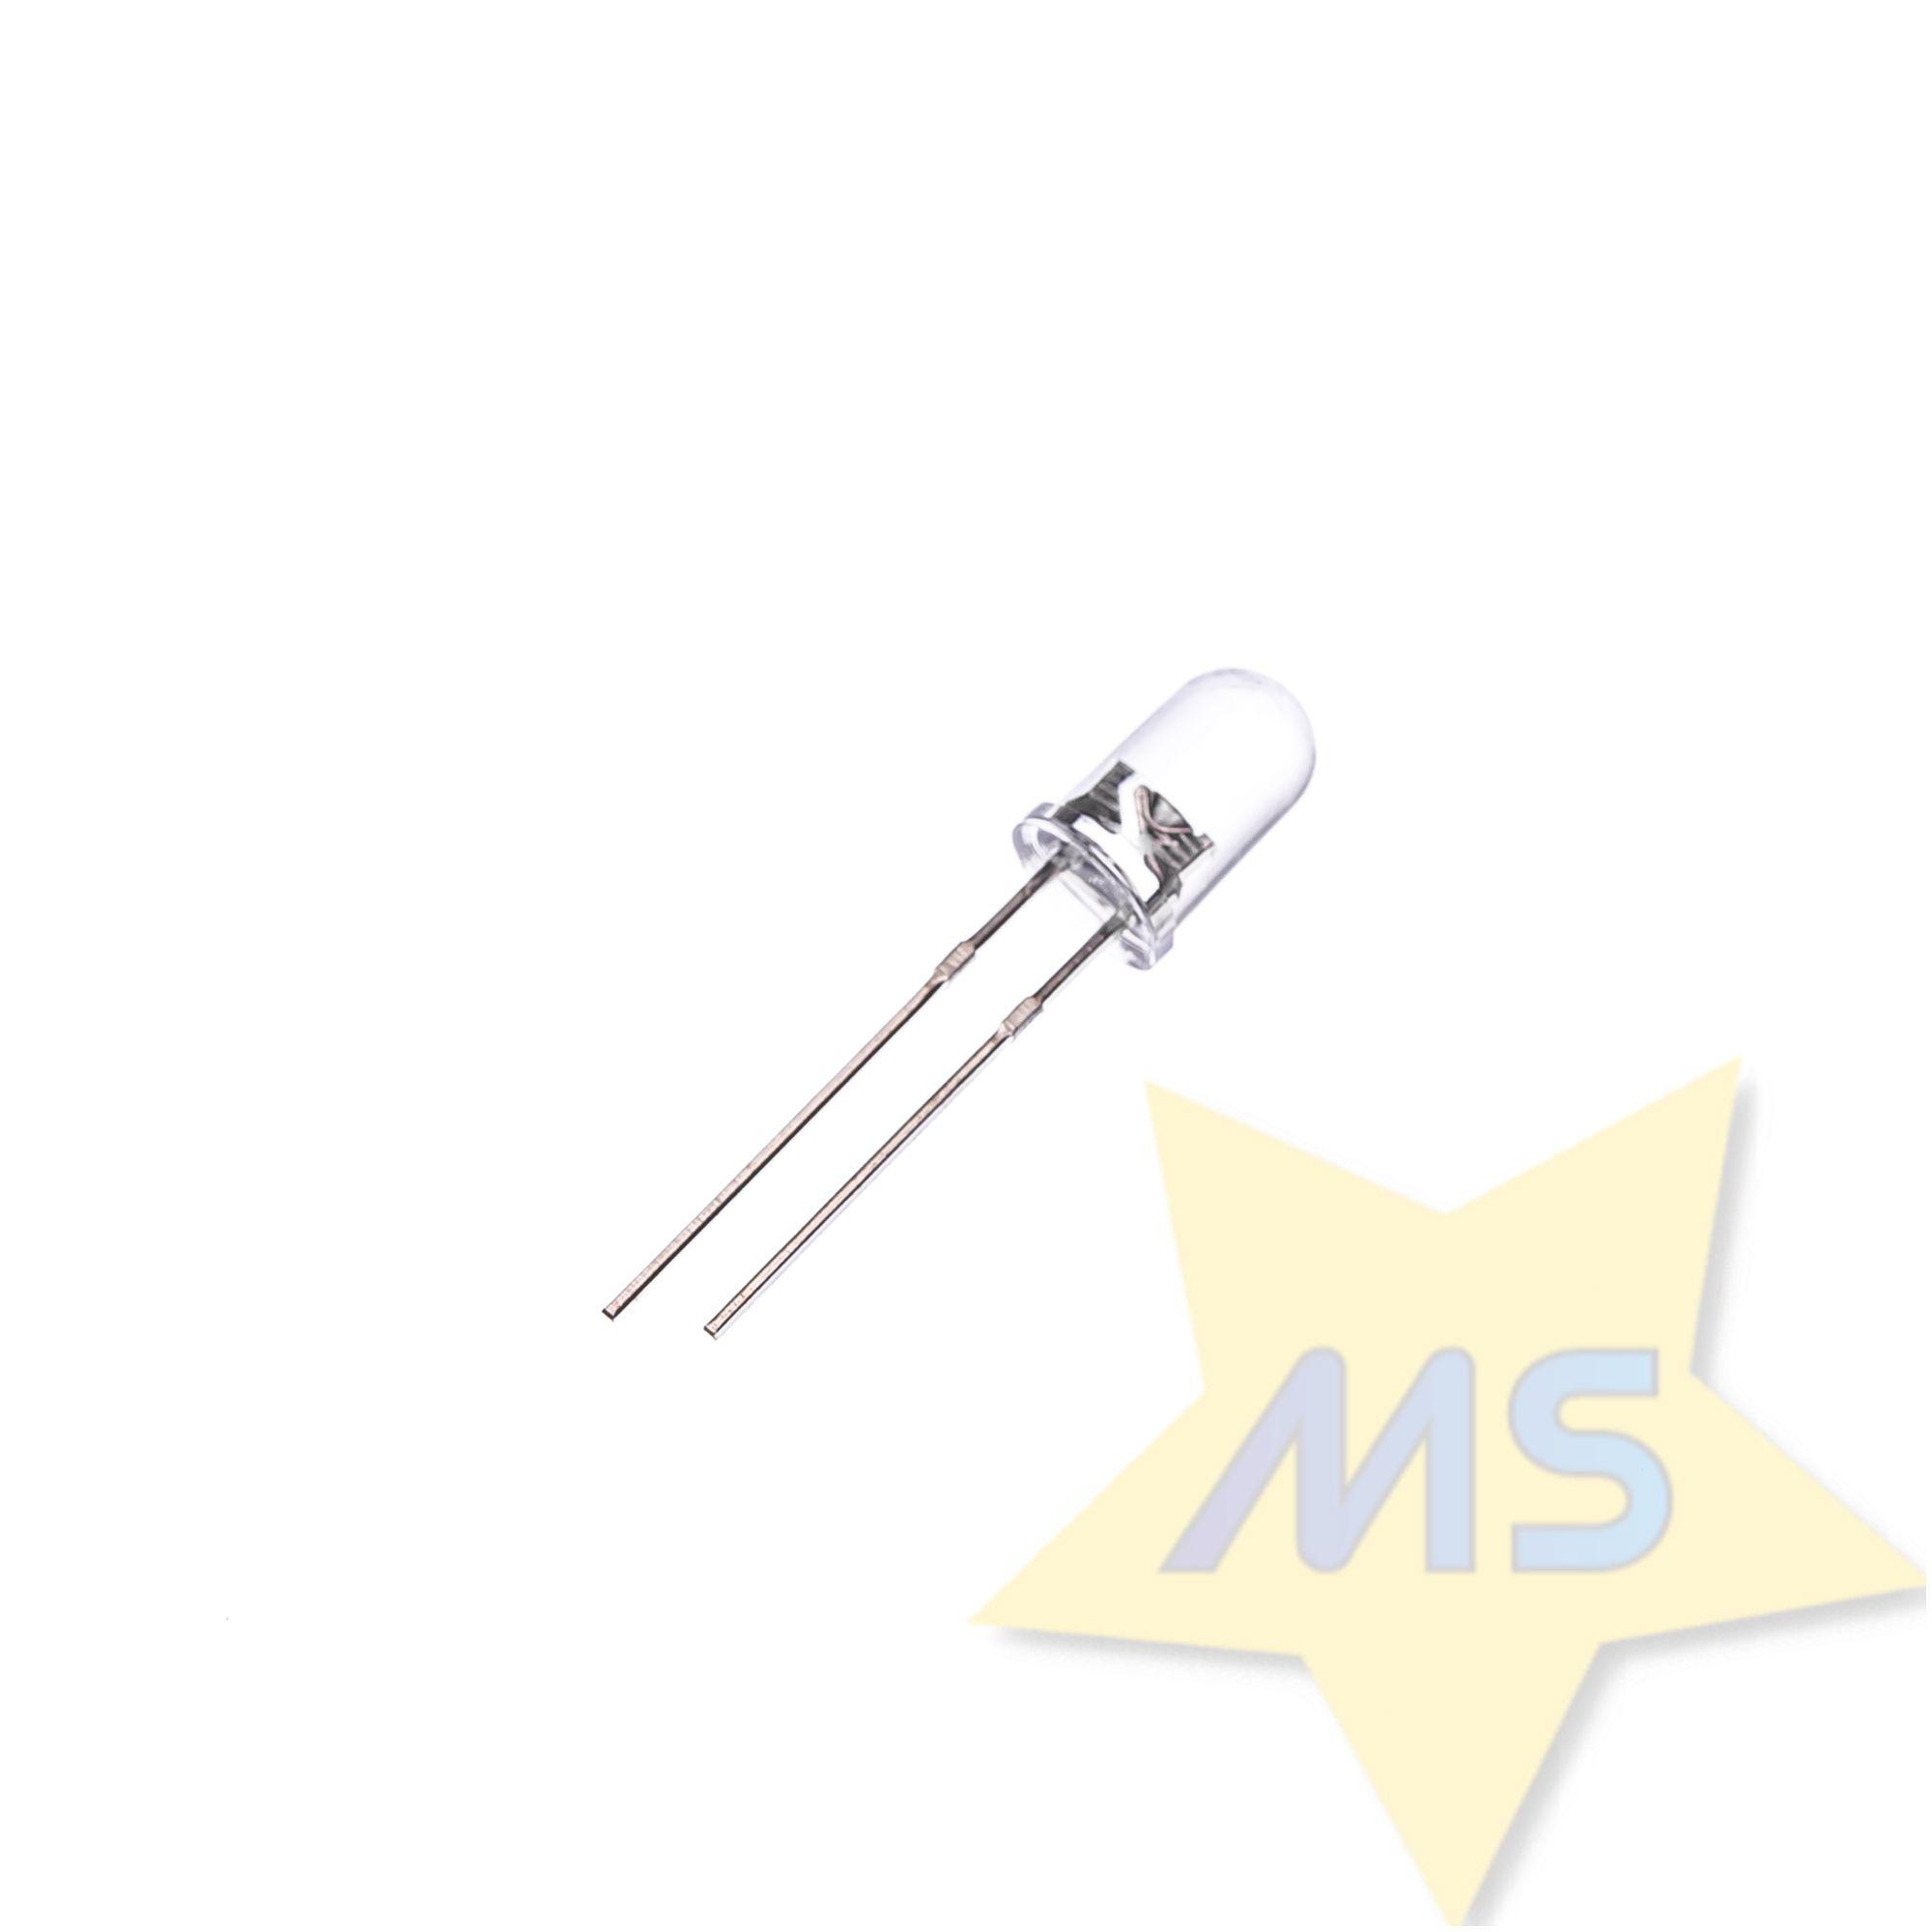 LED Branco transparente Alto brilho 5mm